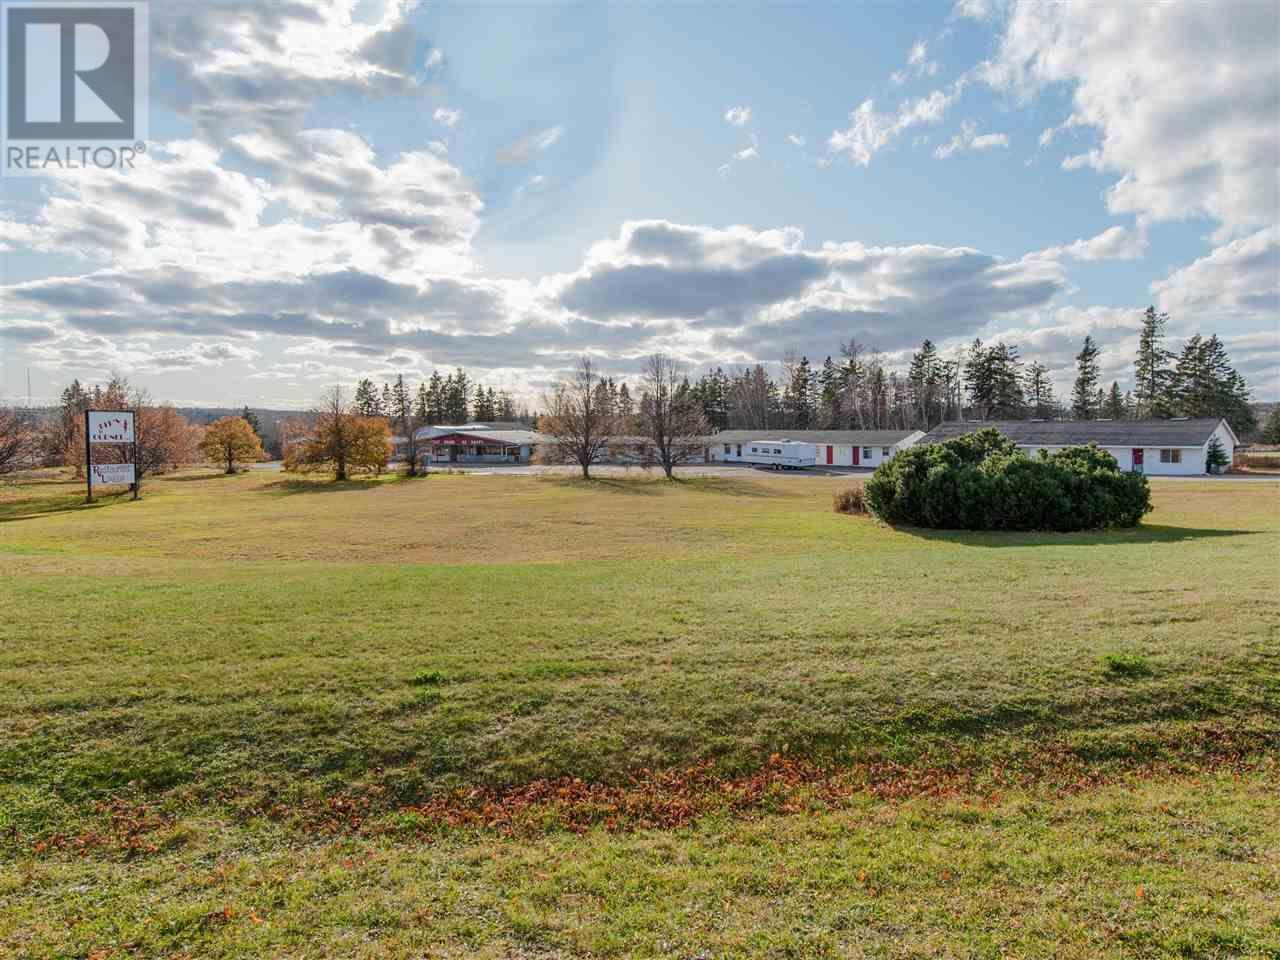 4536 AA MacDonald Highway|Rte 4